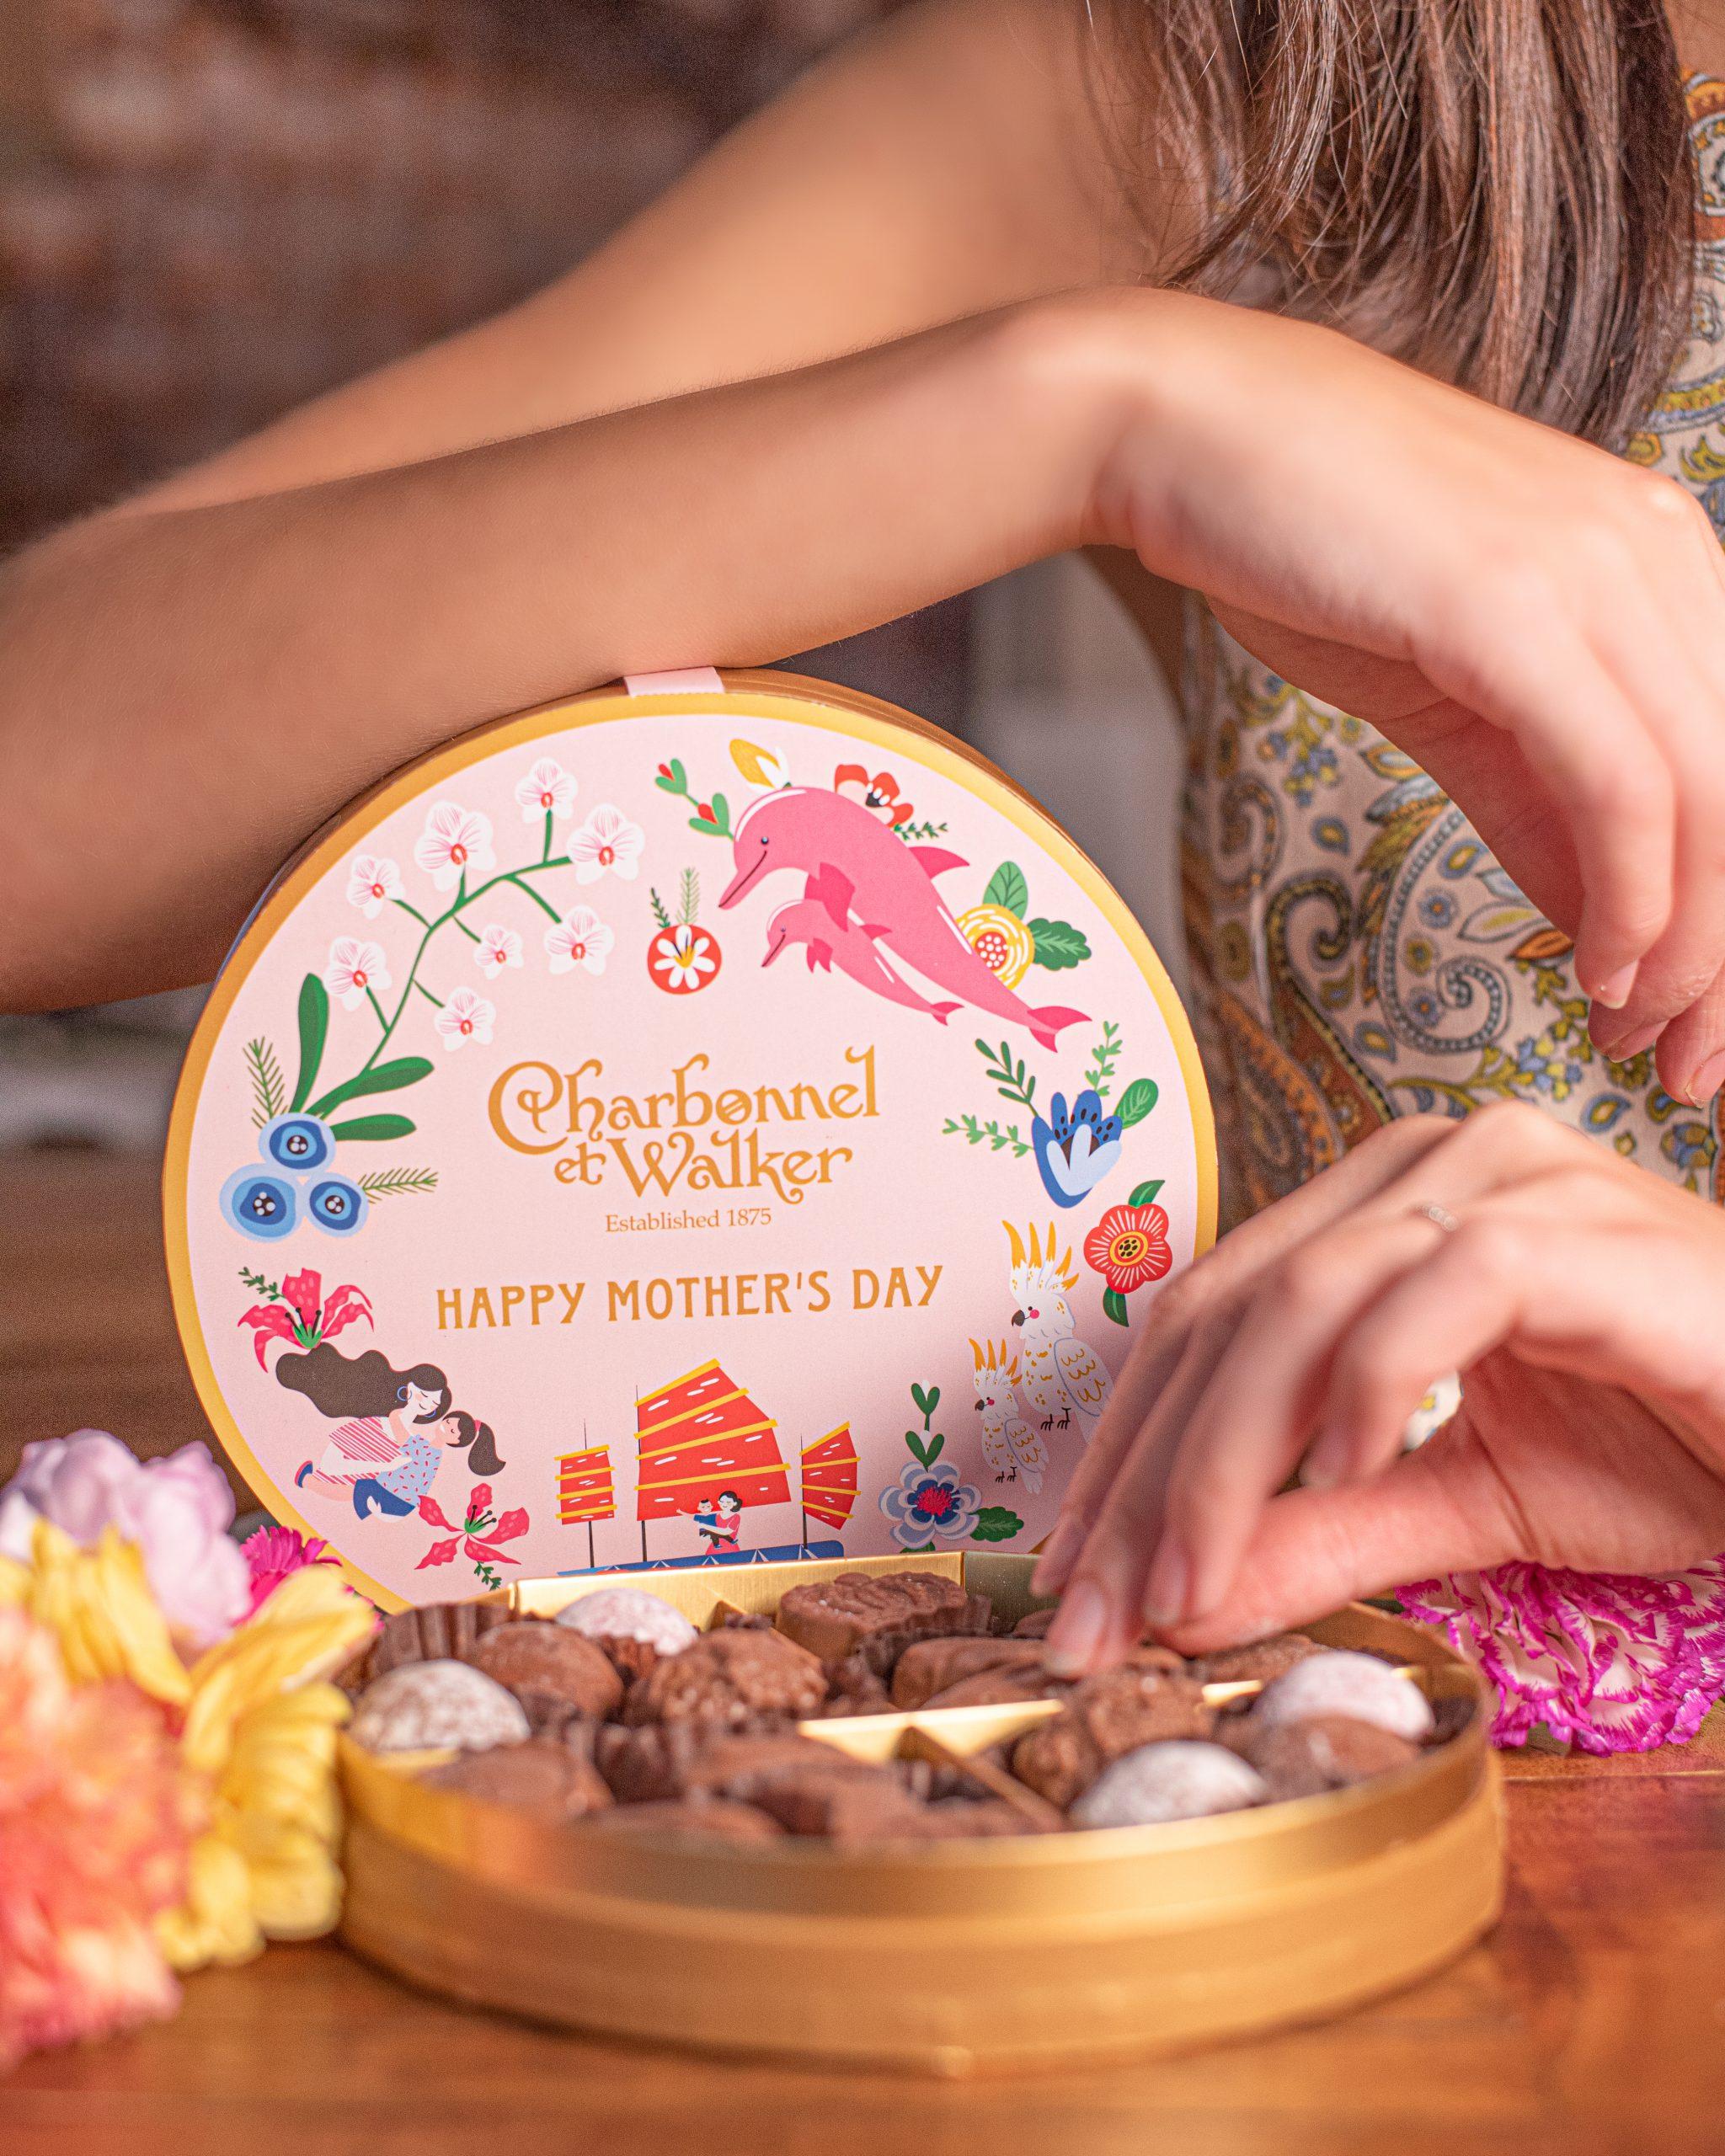 夏邦内尔和沃克的2021年母亲节